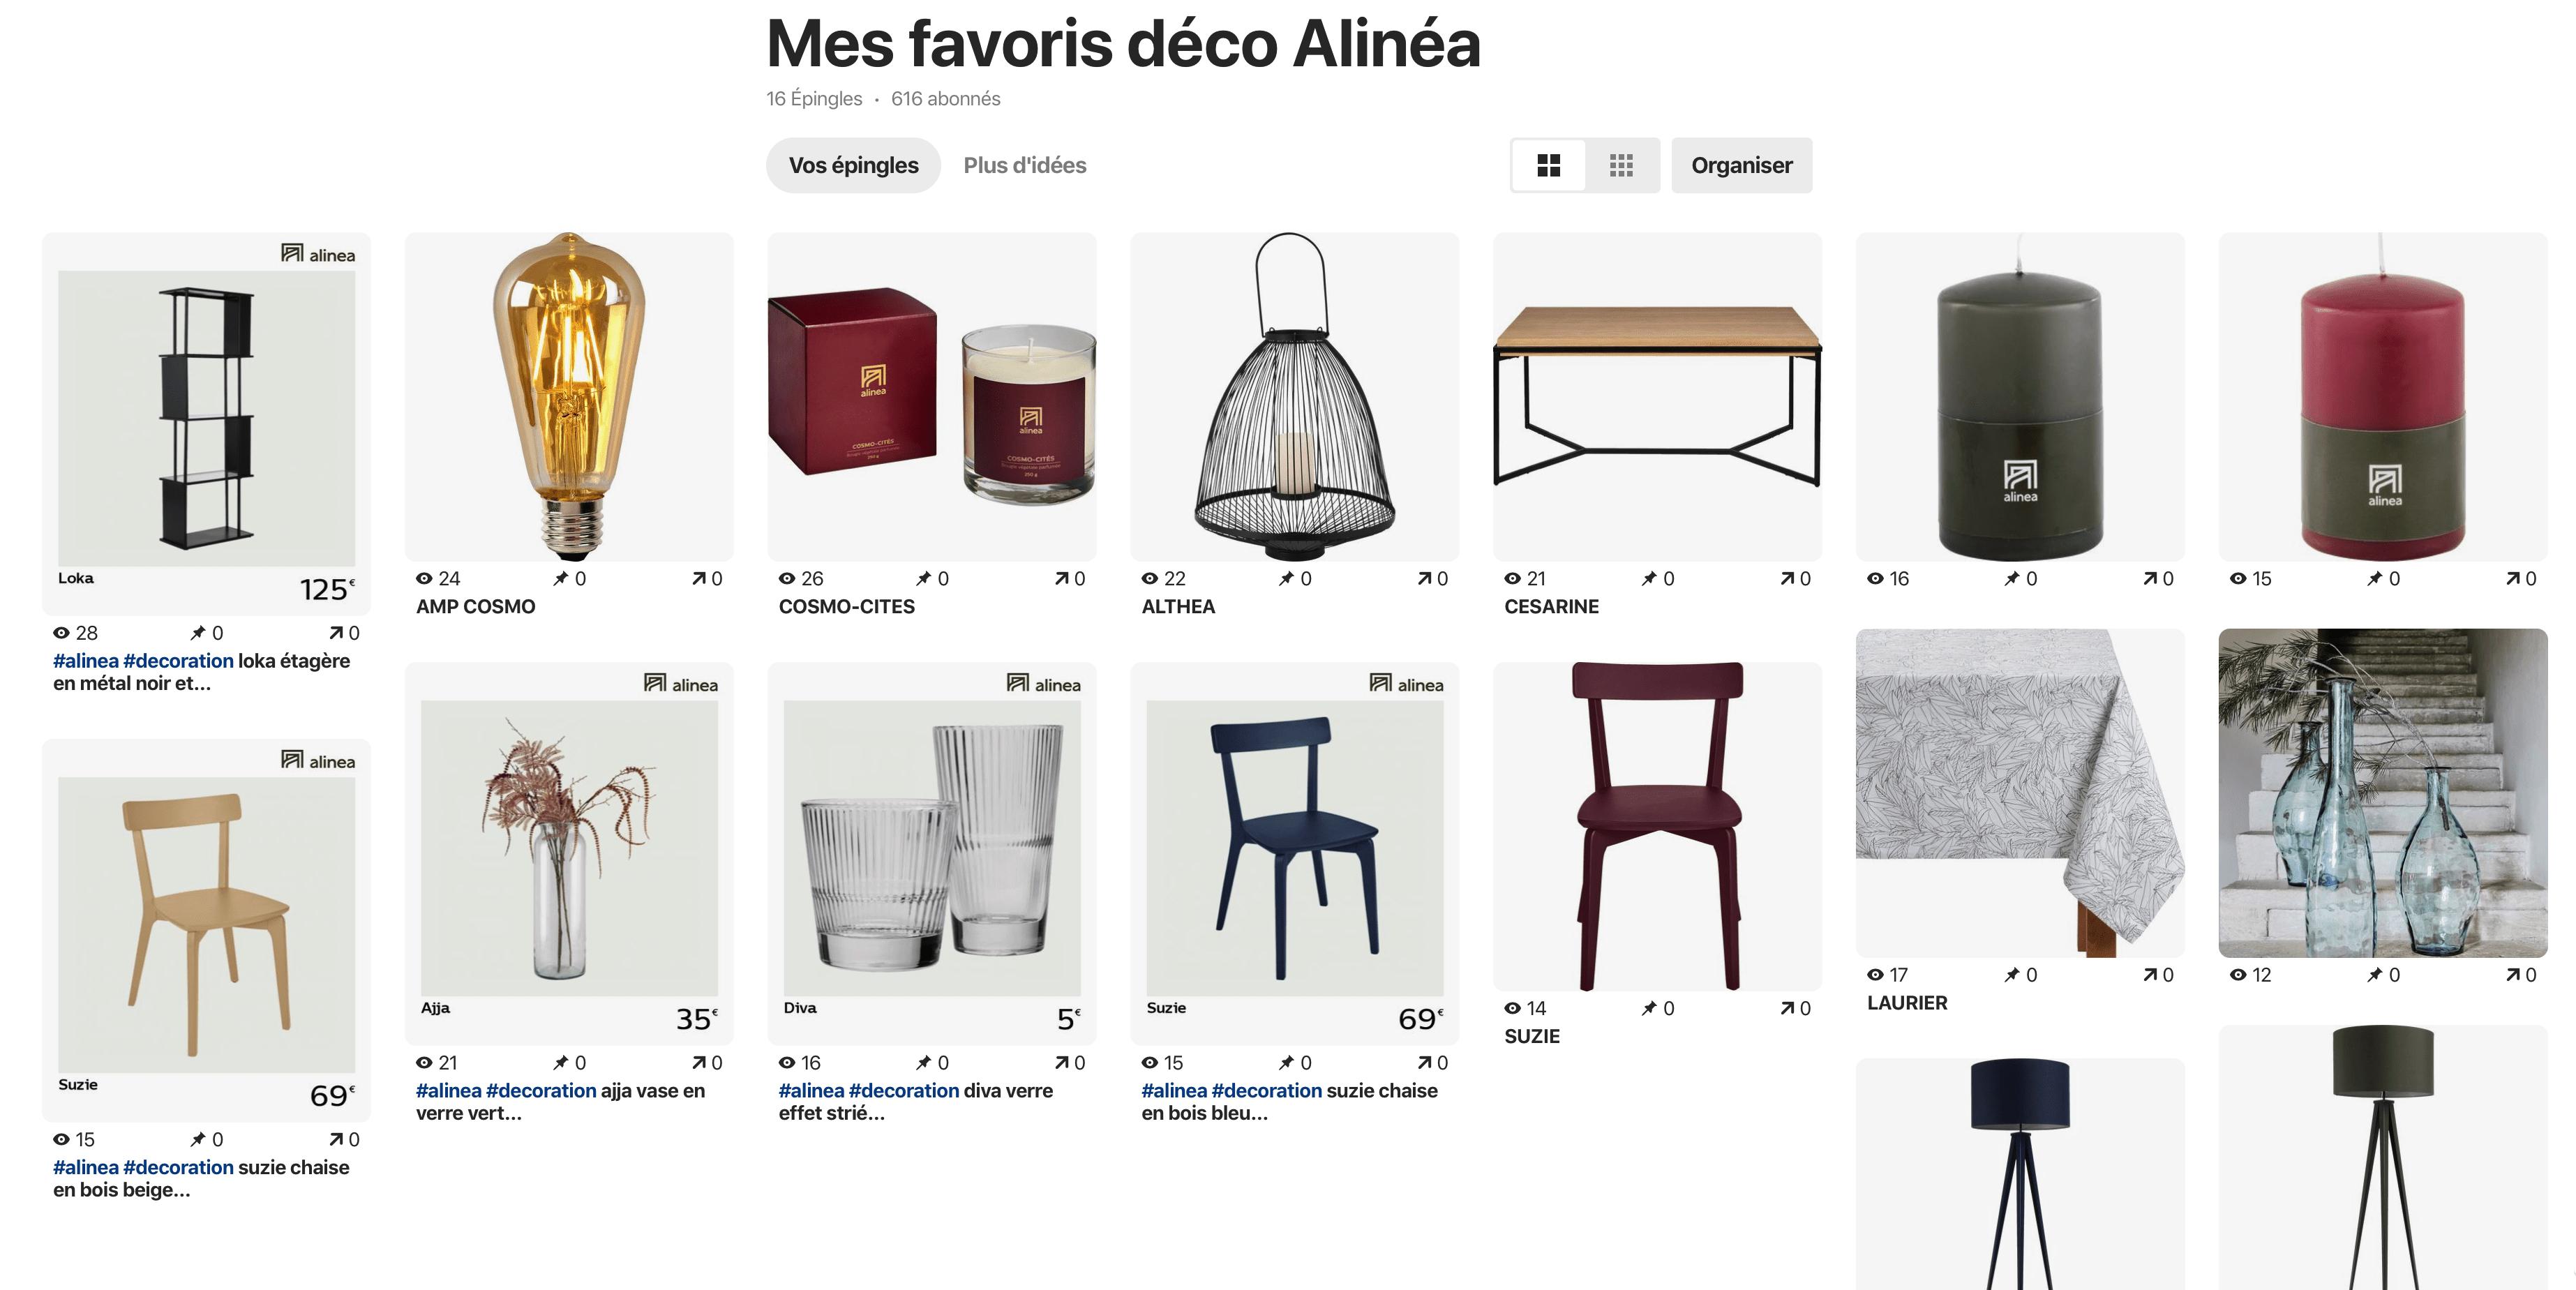 selection-shopping-deco